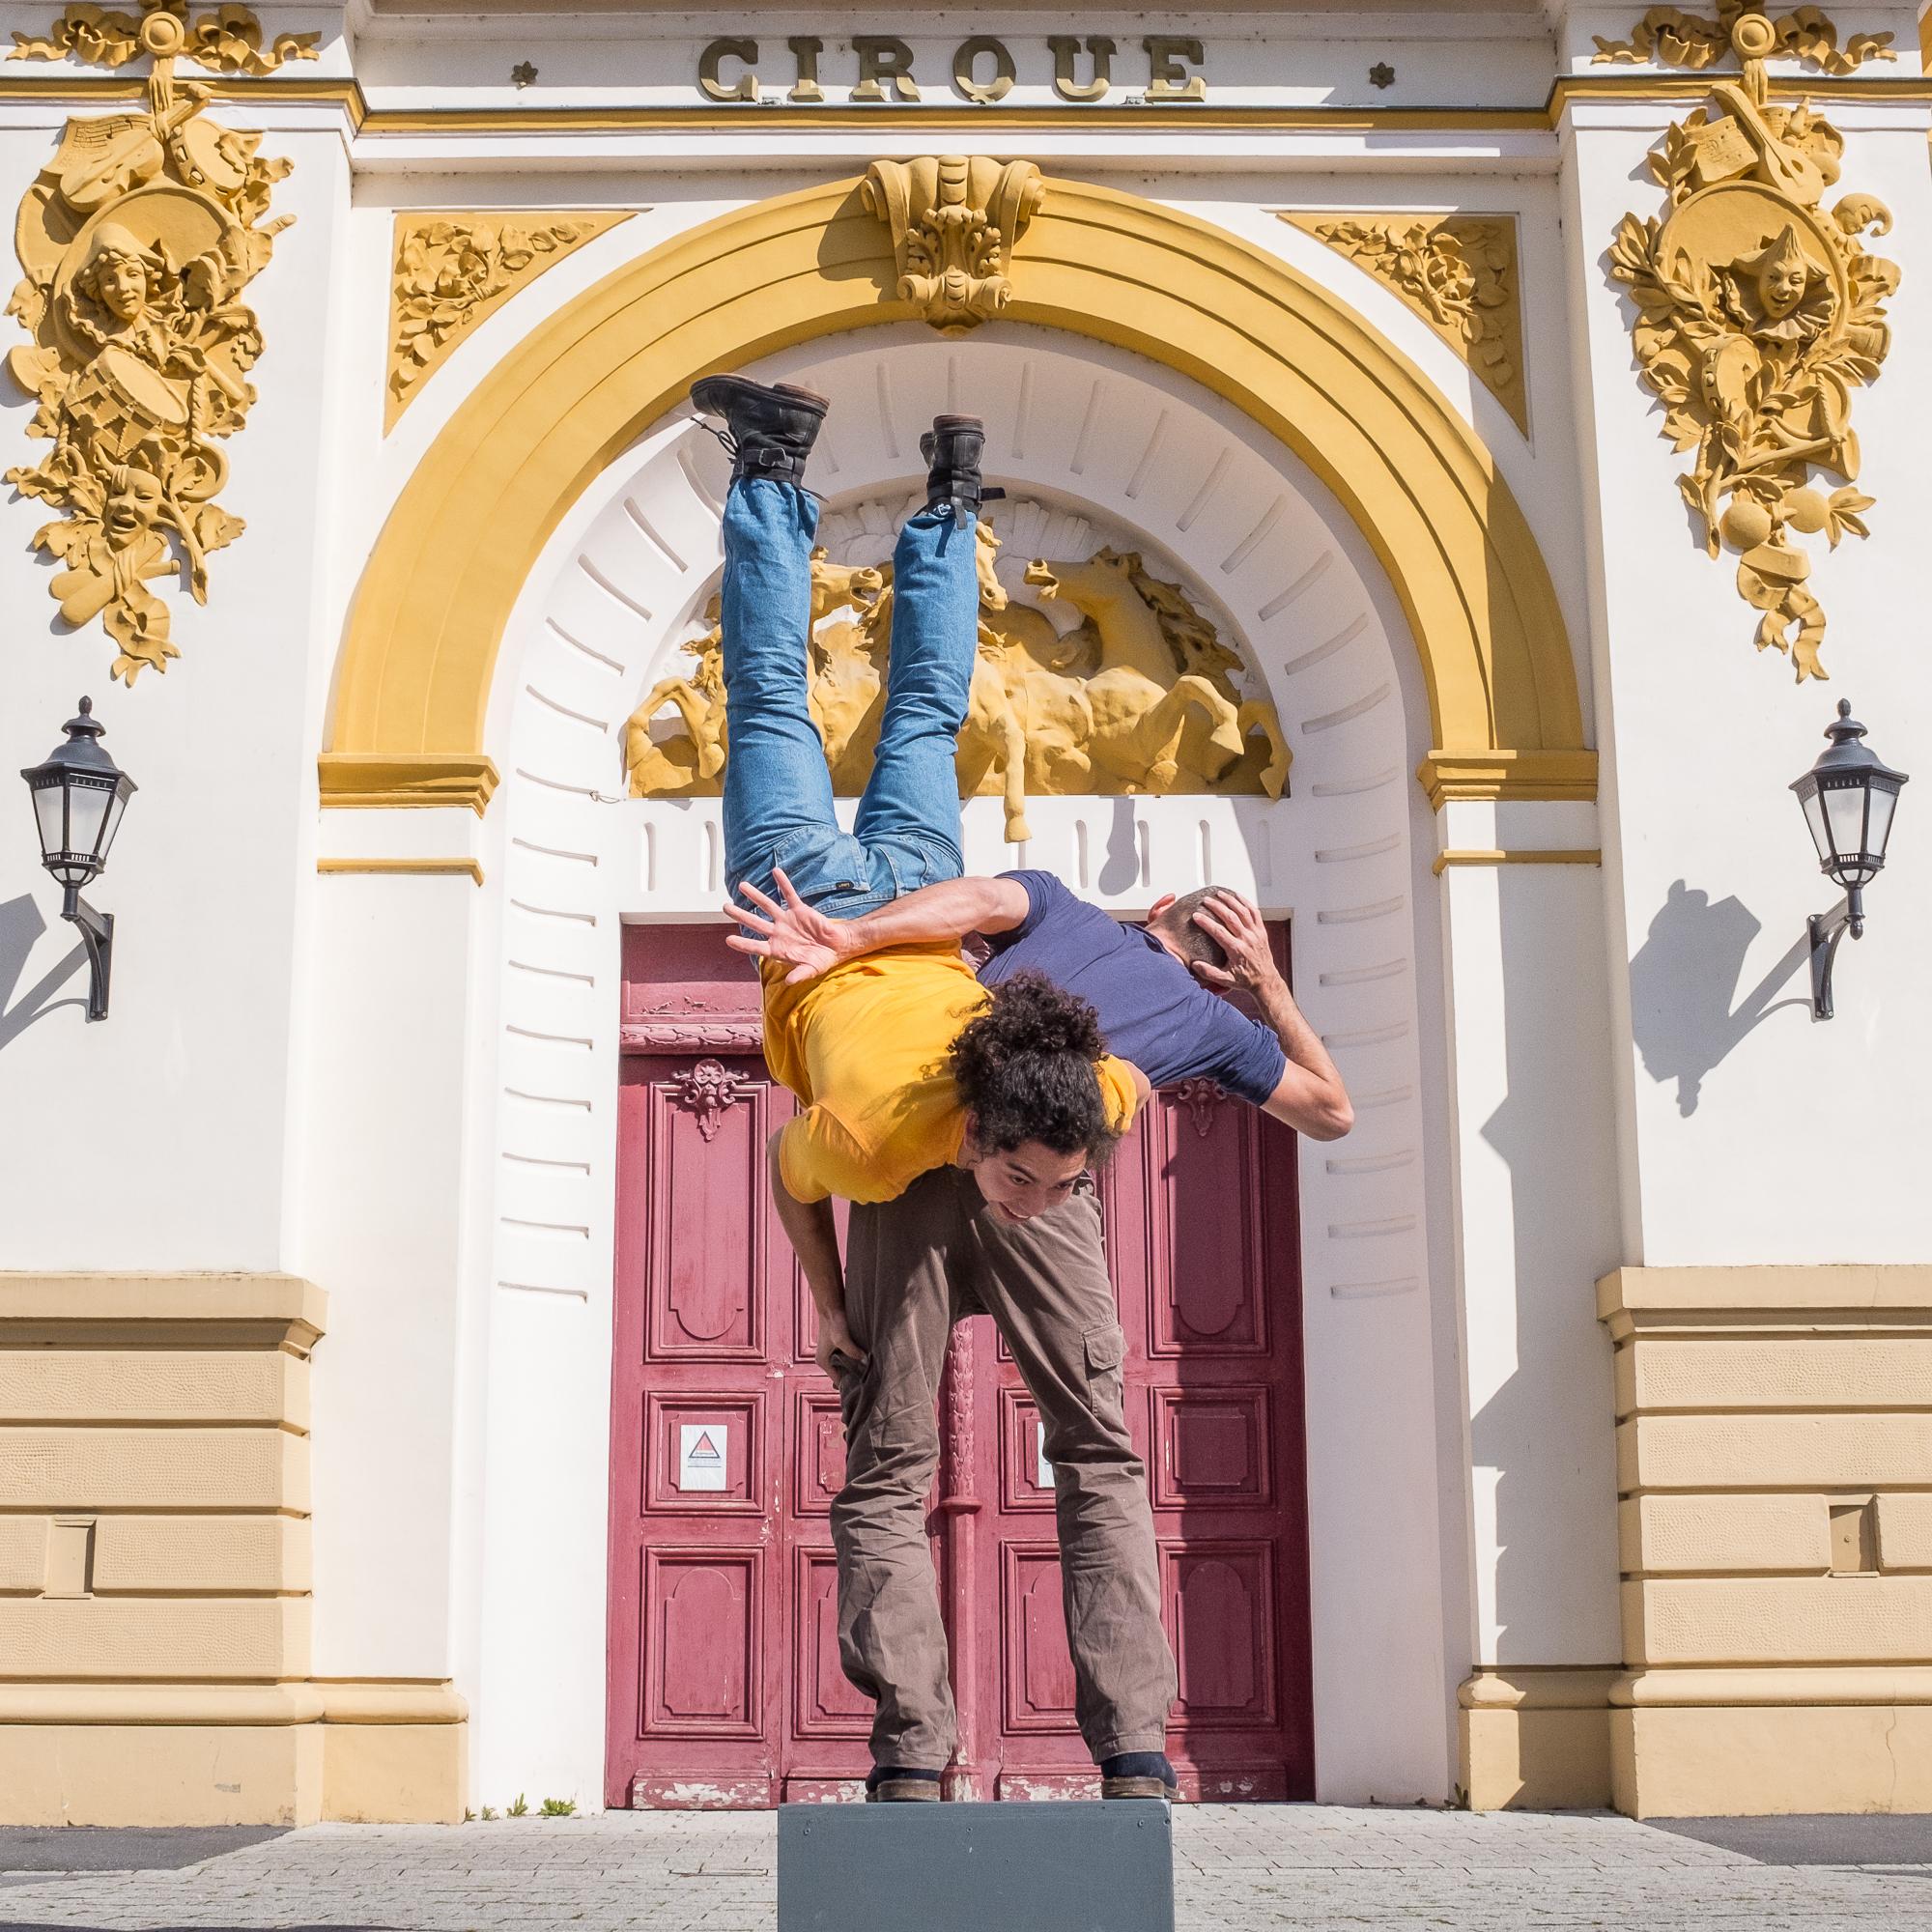 Cirque - Hector